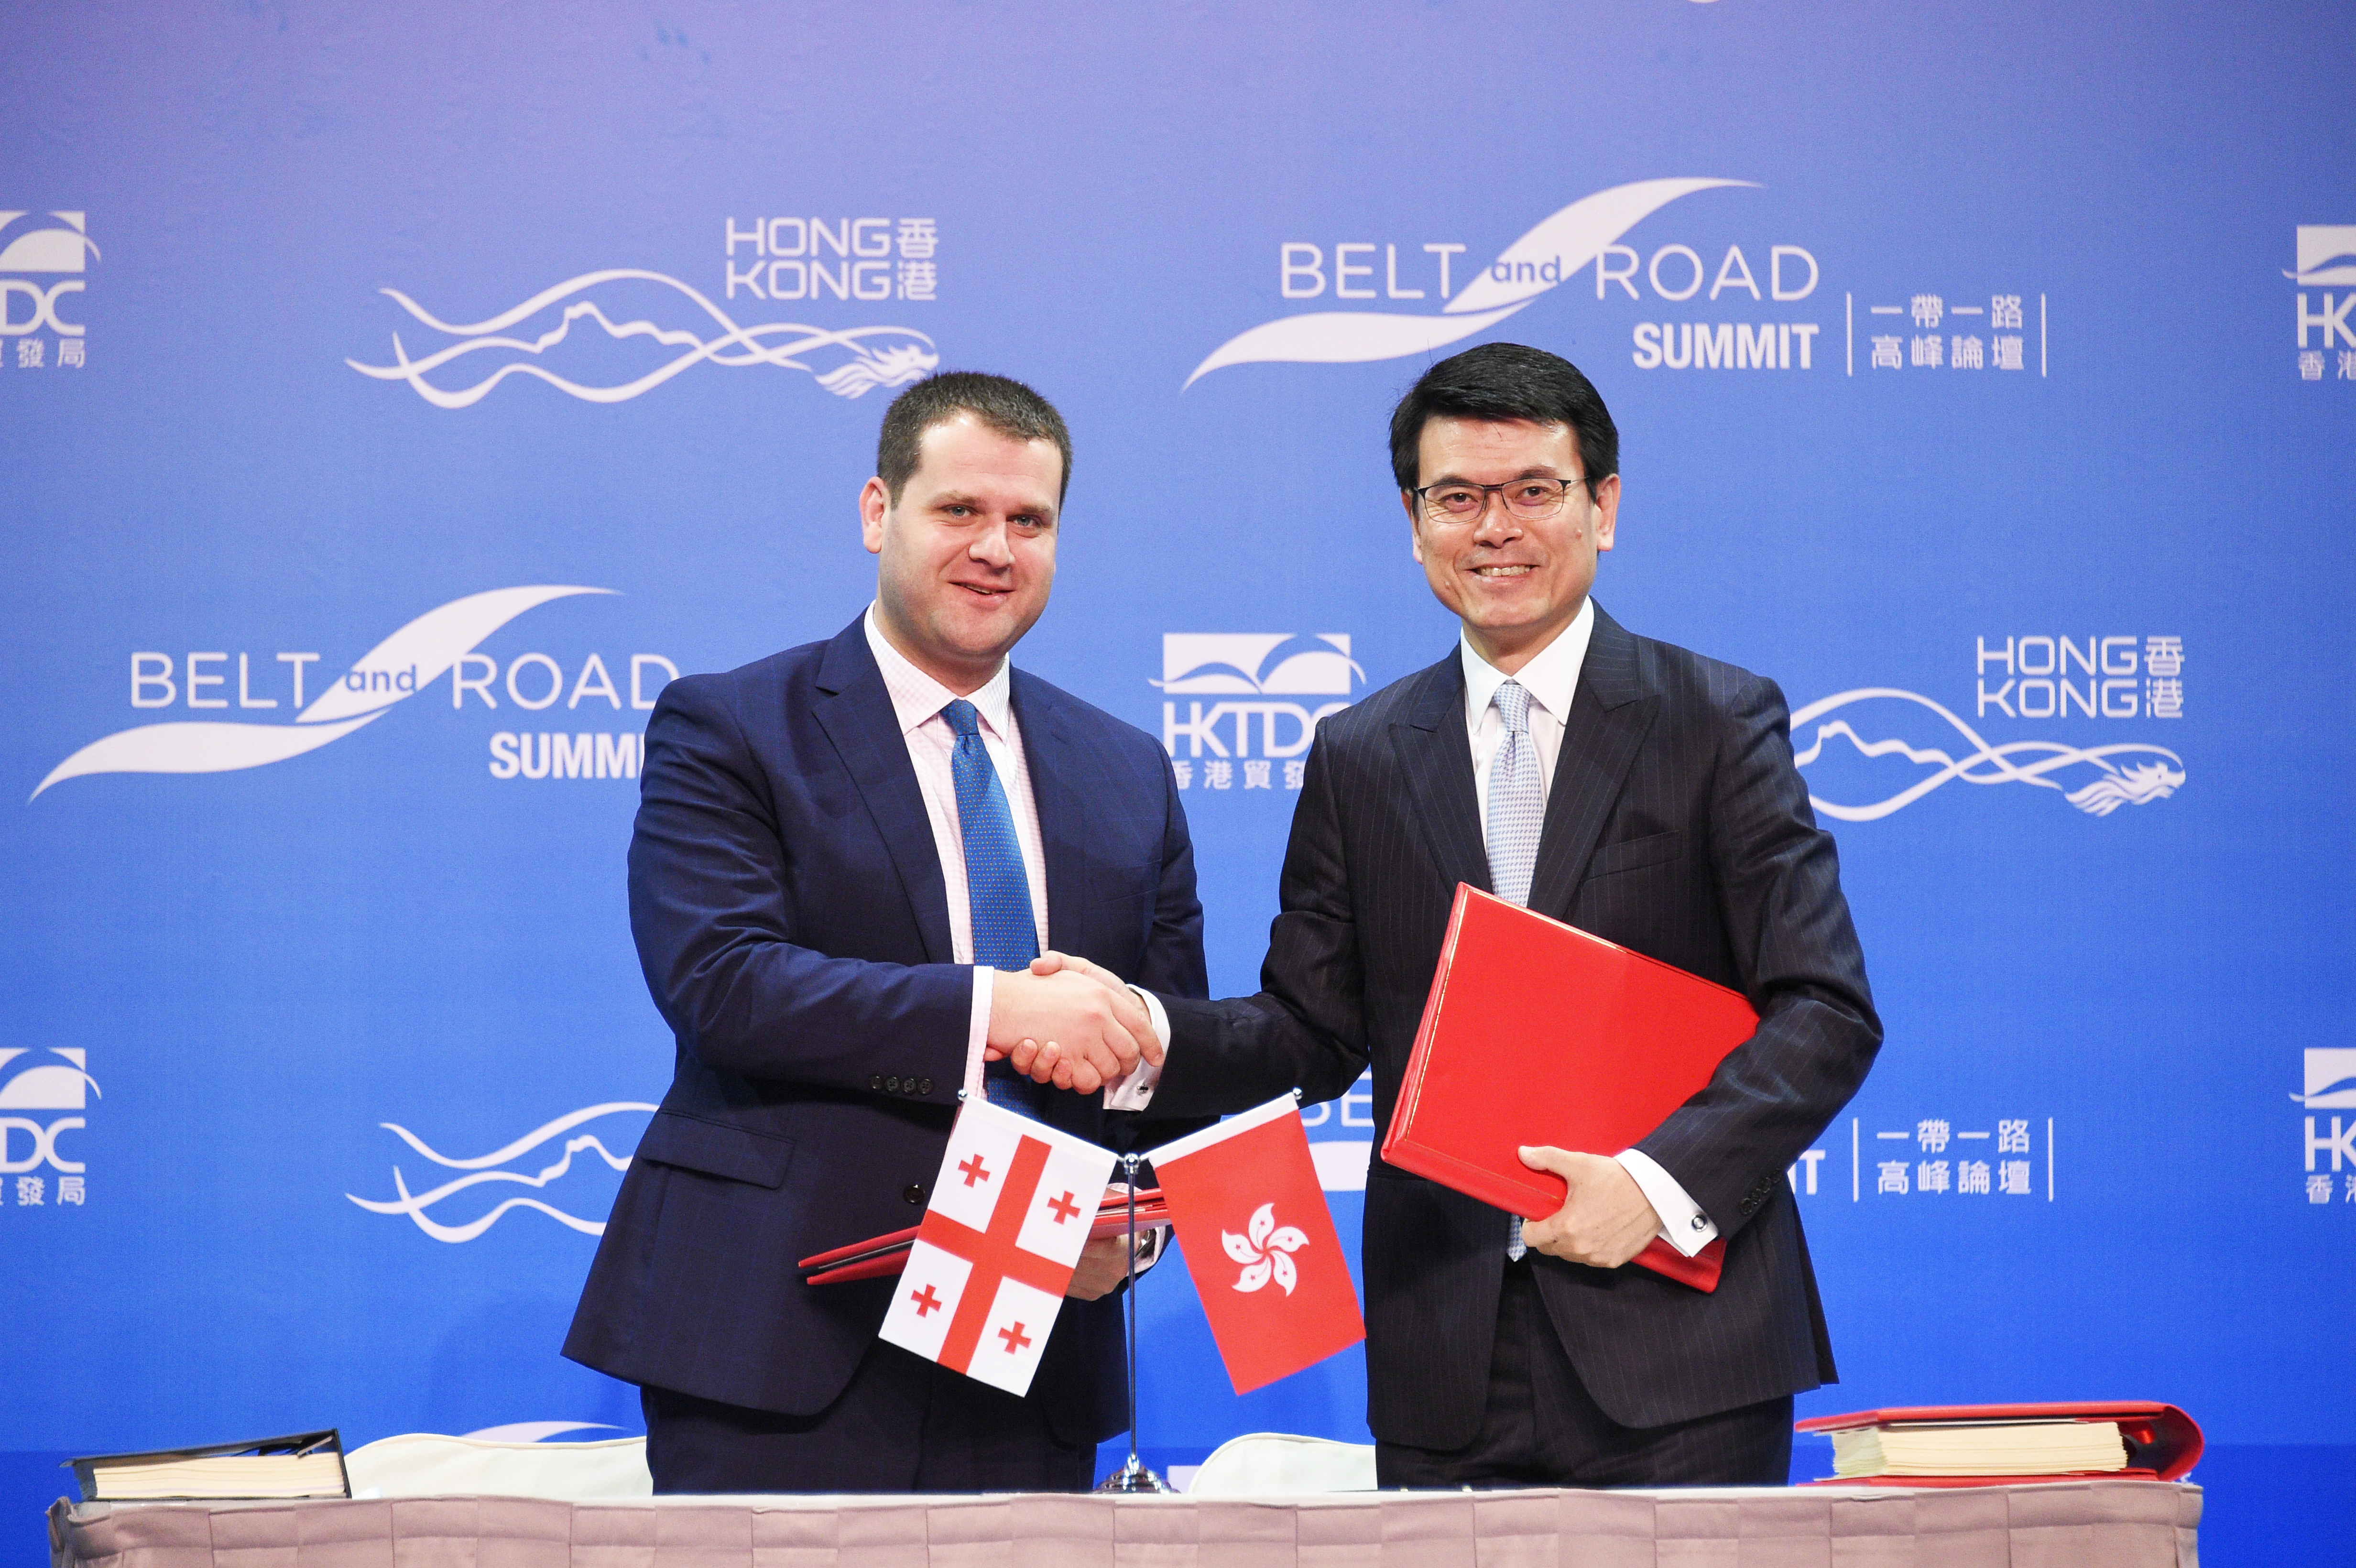 香港與格魯吉亞簽署自貿協定